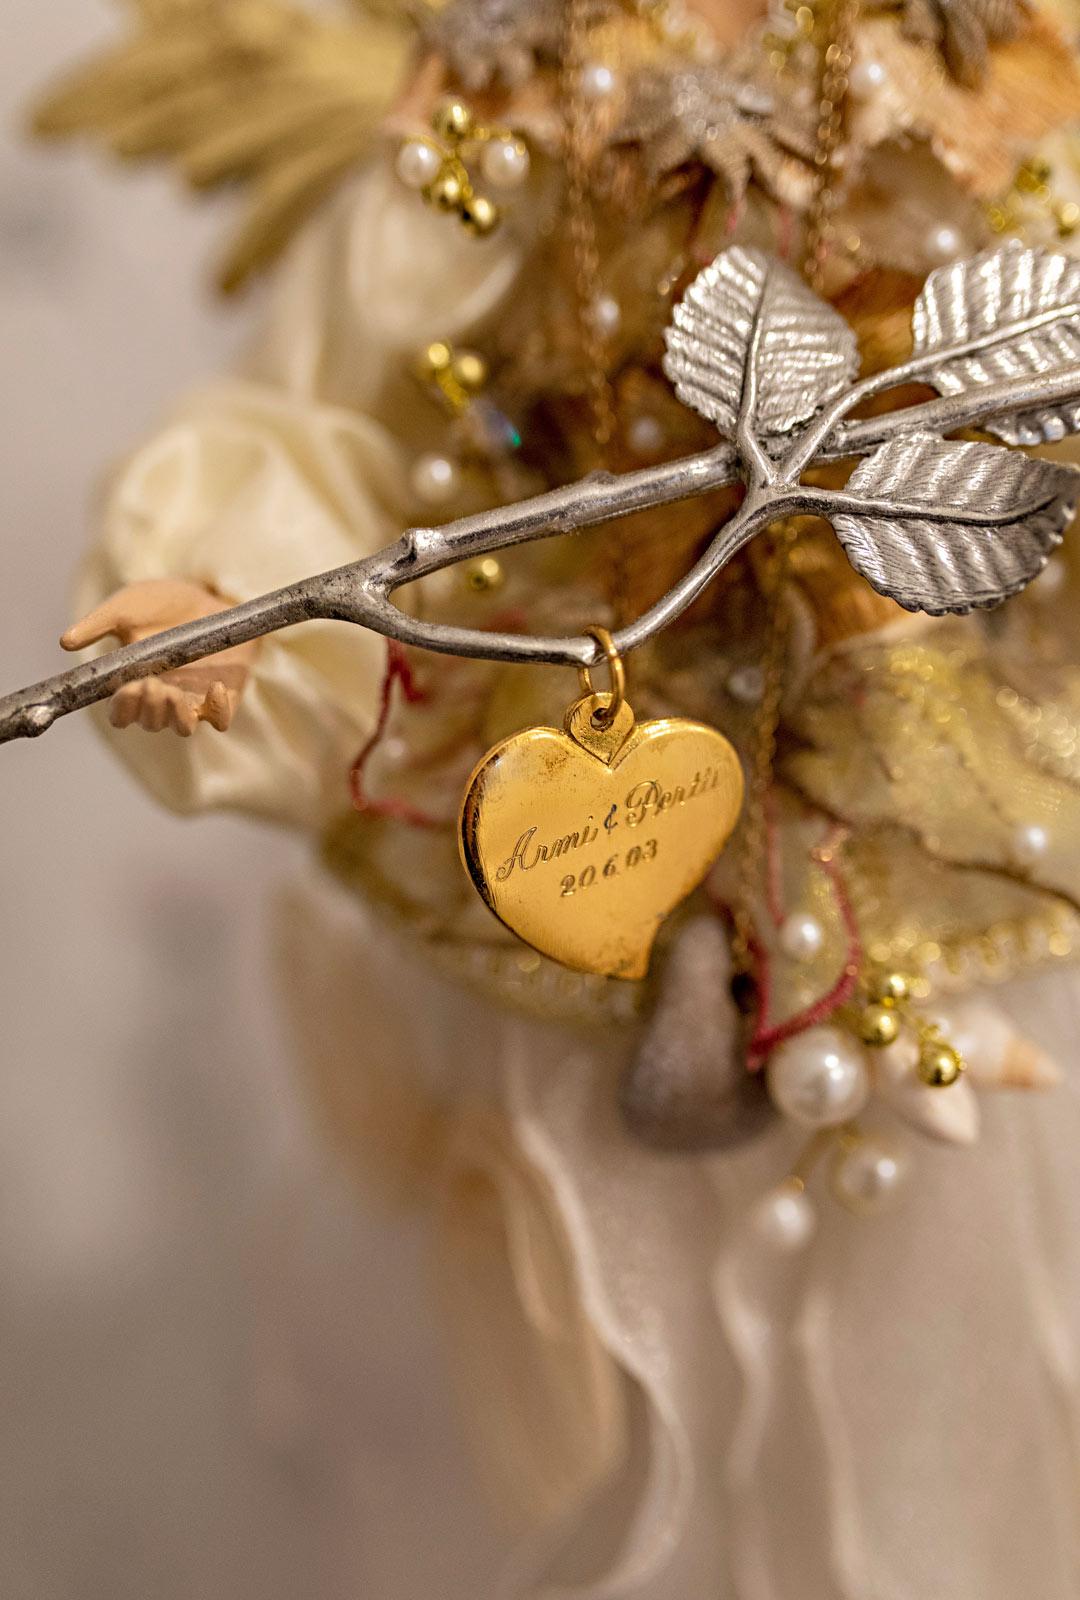 Sydän ruusuineen muistuttaa hääpäivästä.